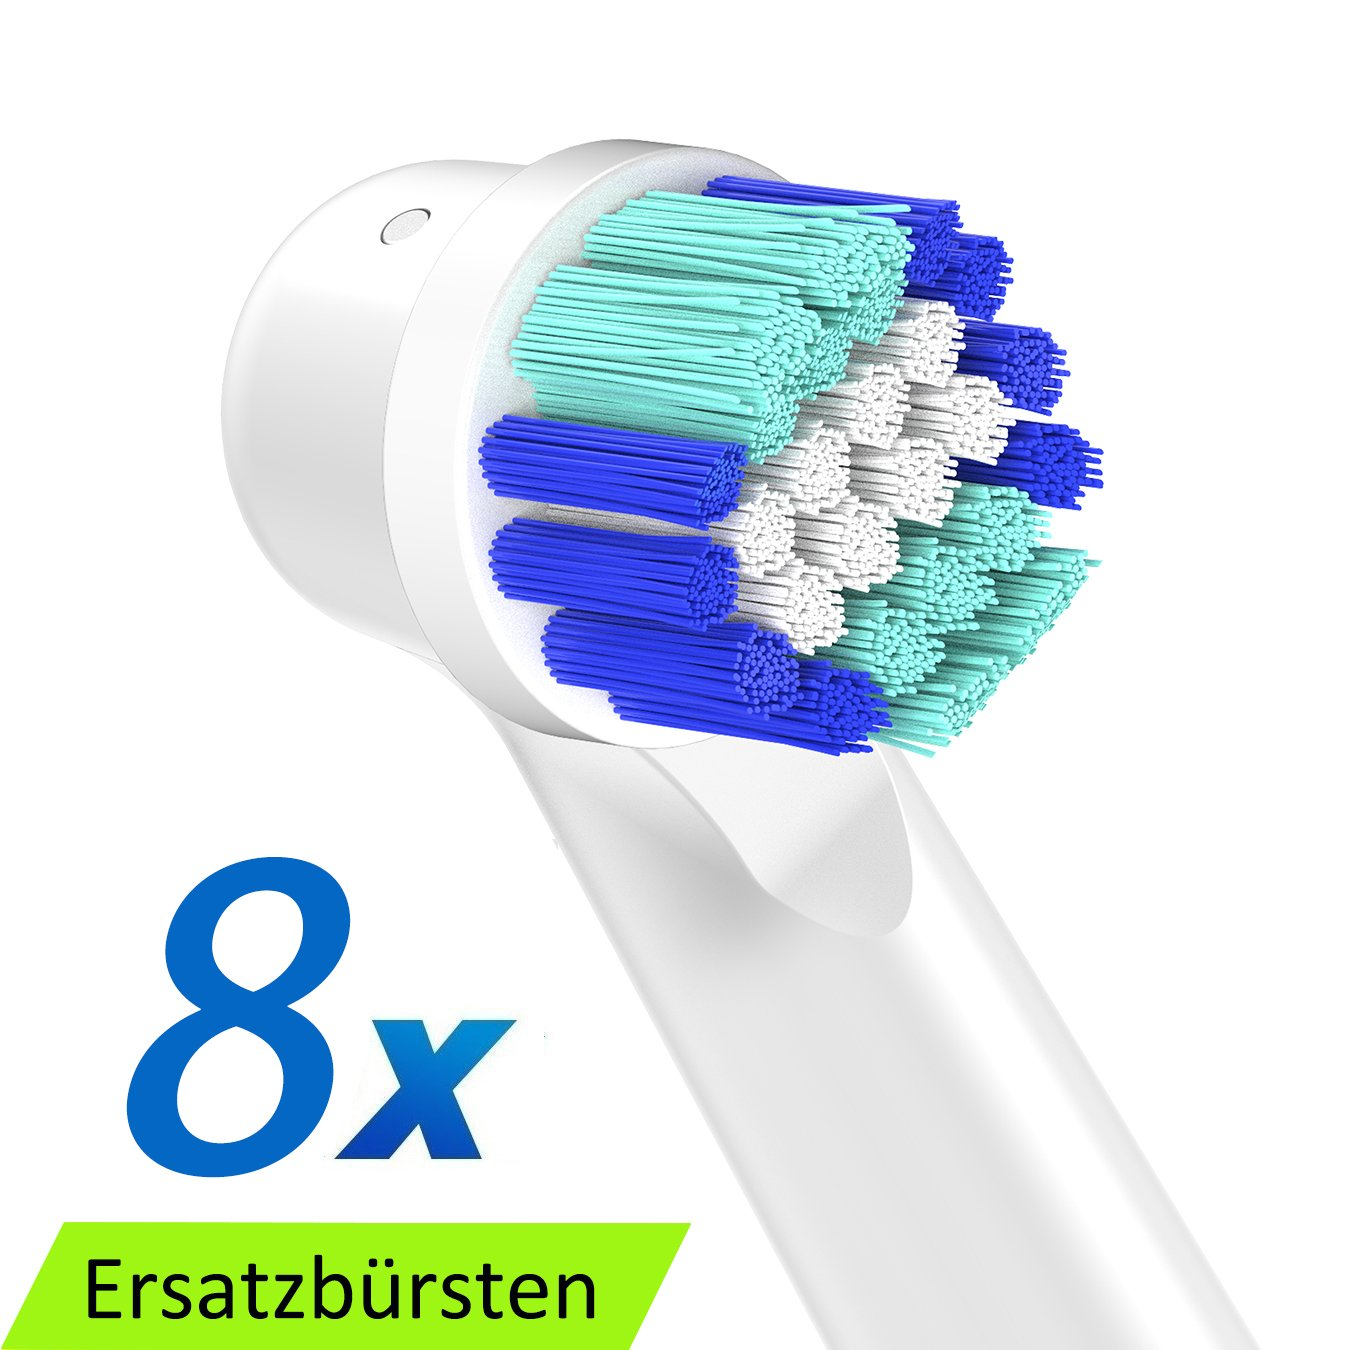 Precision Clean EB20A Cabezales de recambio para cepillo eléctrico recargable SB 20A Oral B Vitality Precision Clean (8 piezas SB-20A): Amazon.es: Salud y ...